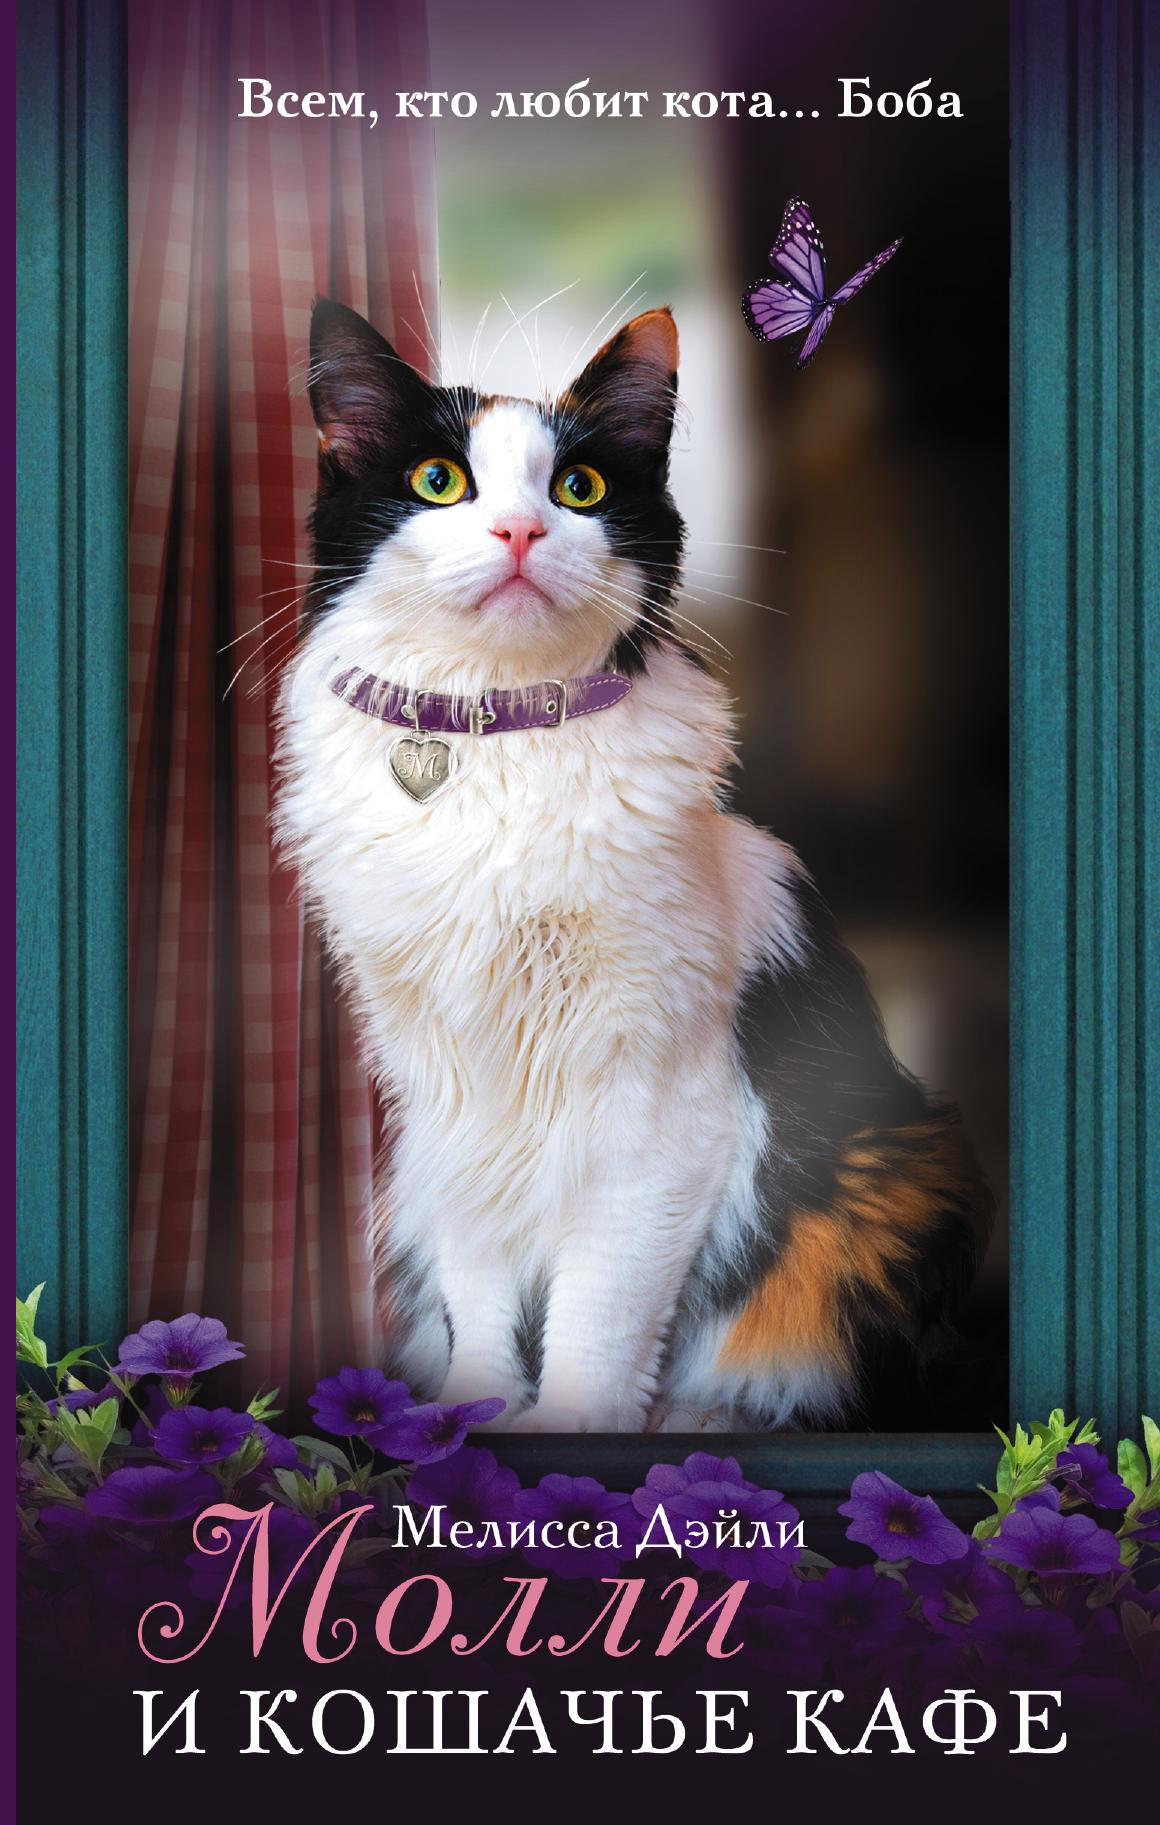 Мелисса Дэйли Молли и кошачье кафе